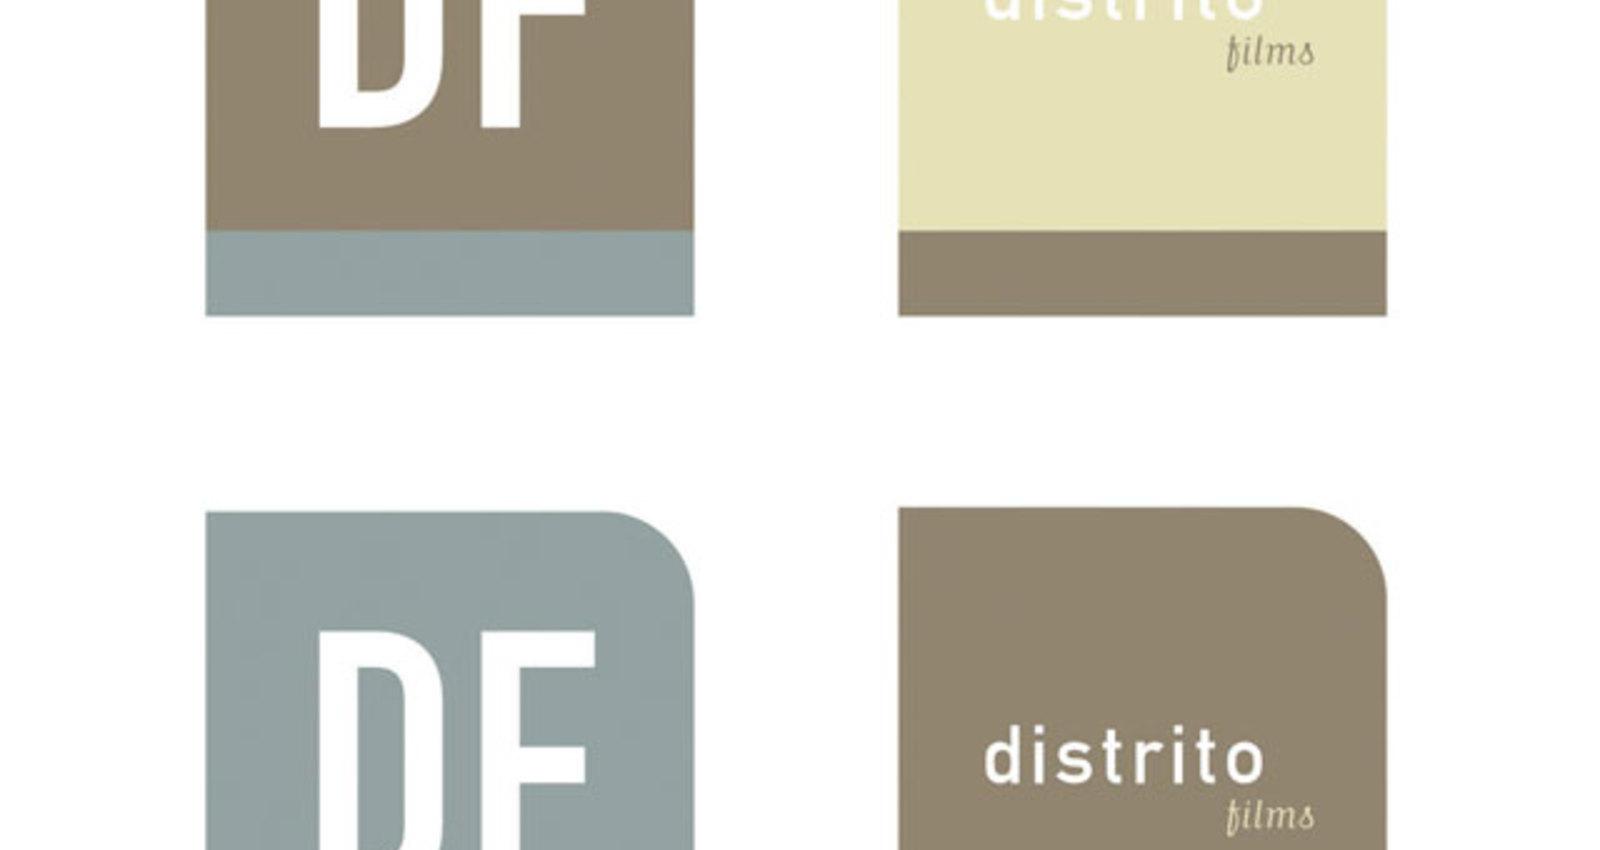 Distrito Films